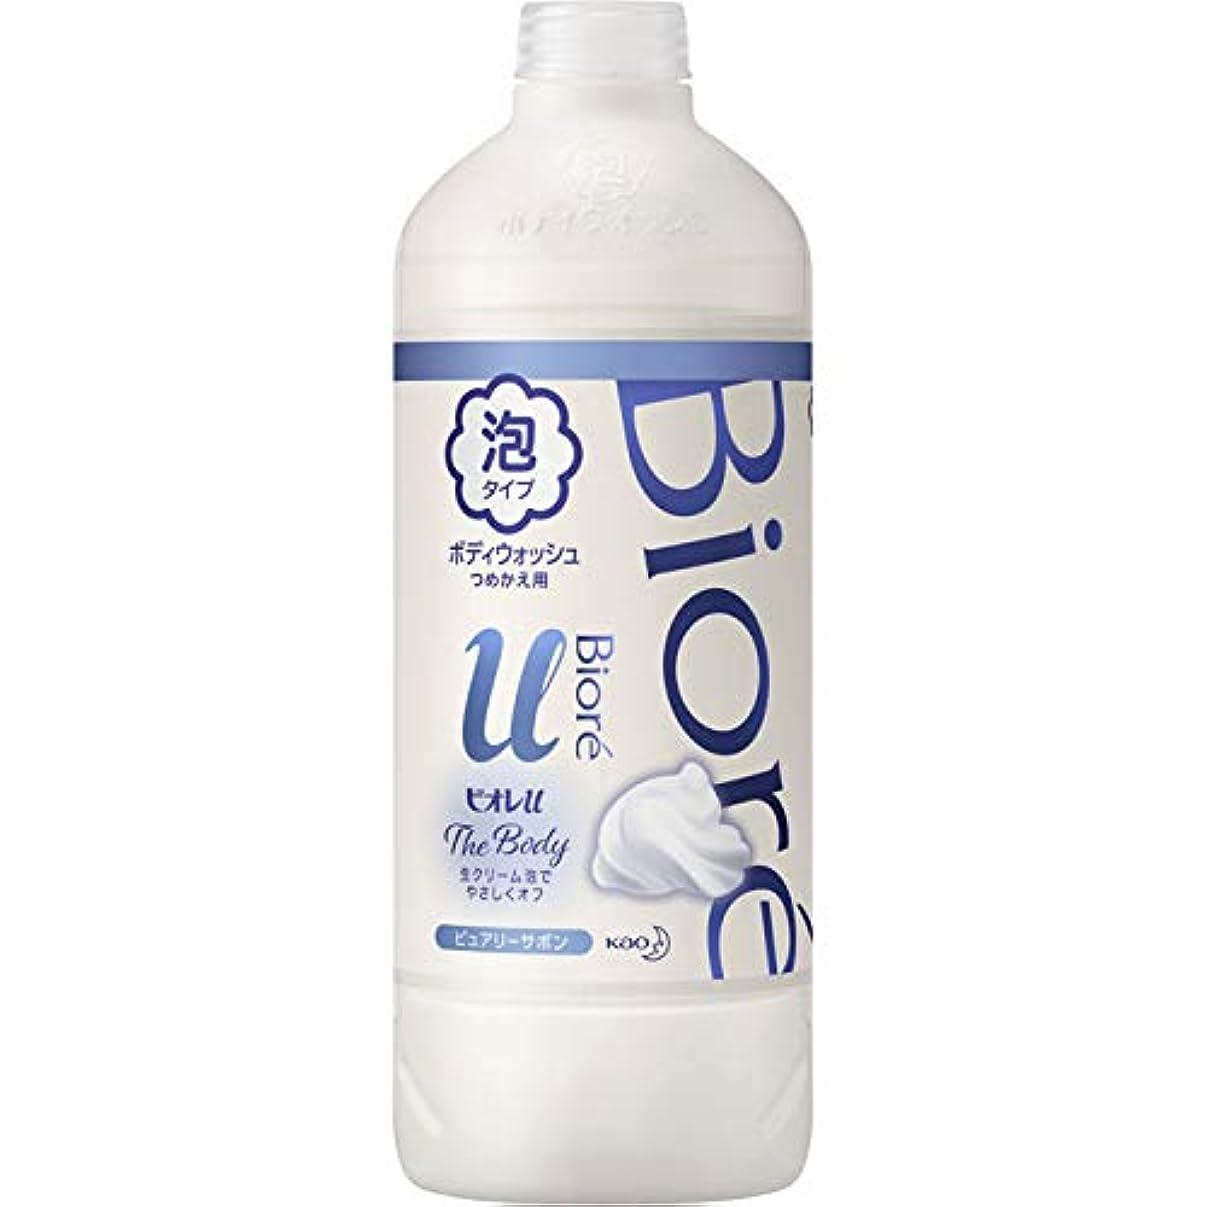 解明改修意気込み花王 ビオレu ザ ボディ泡ピュアリーサボンの香り 詰替え用 450ml